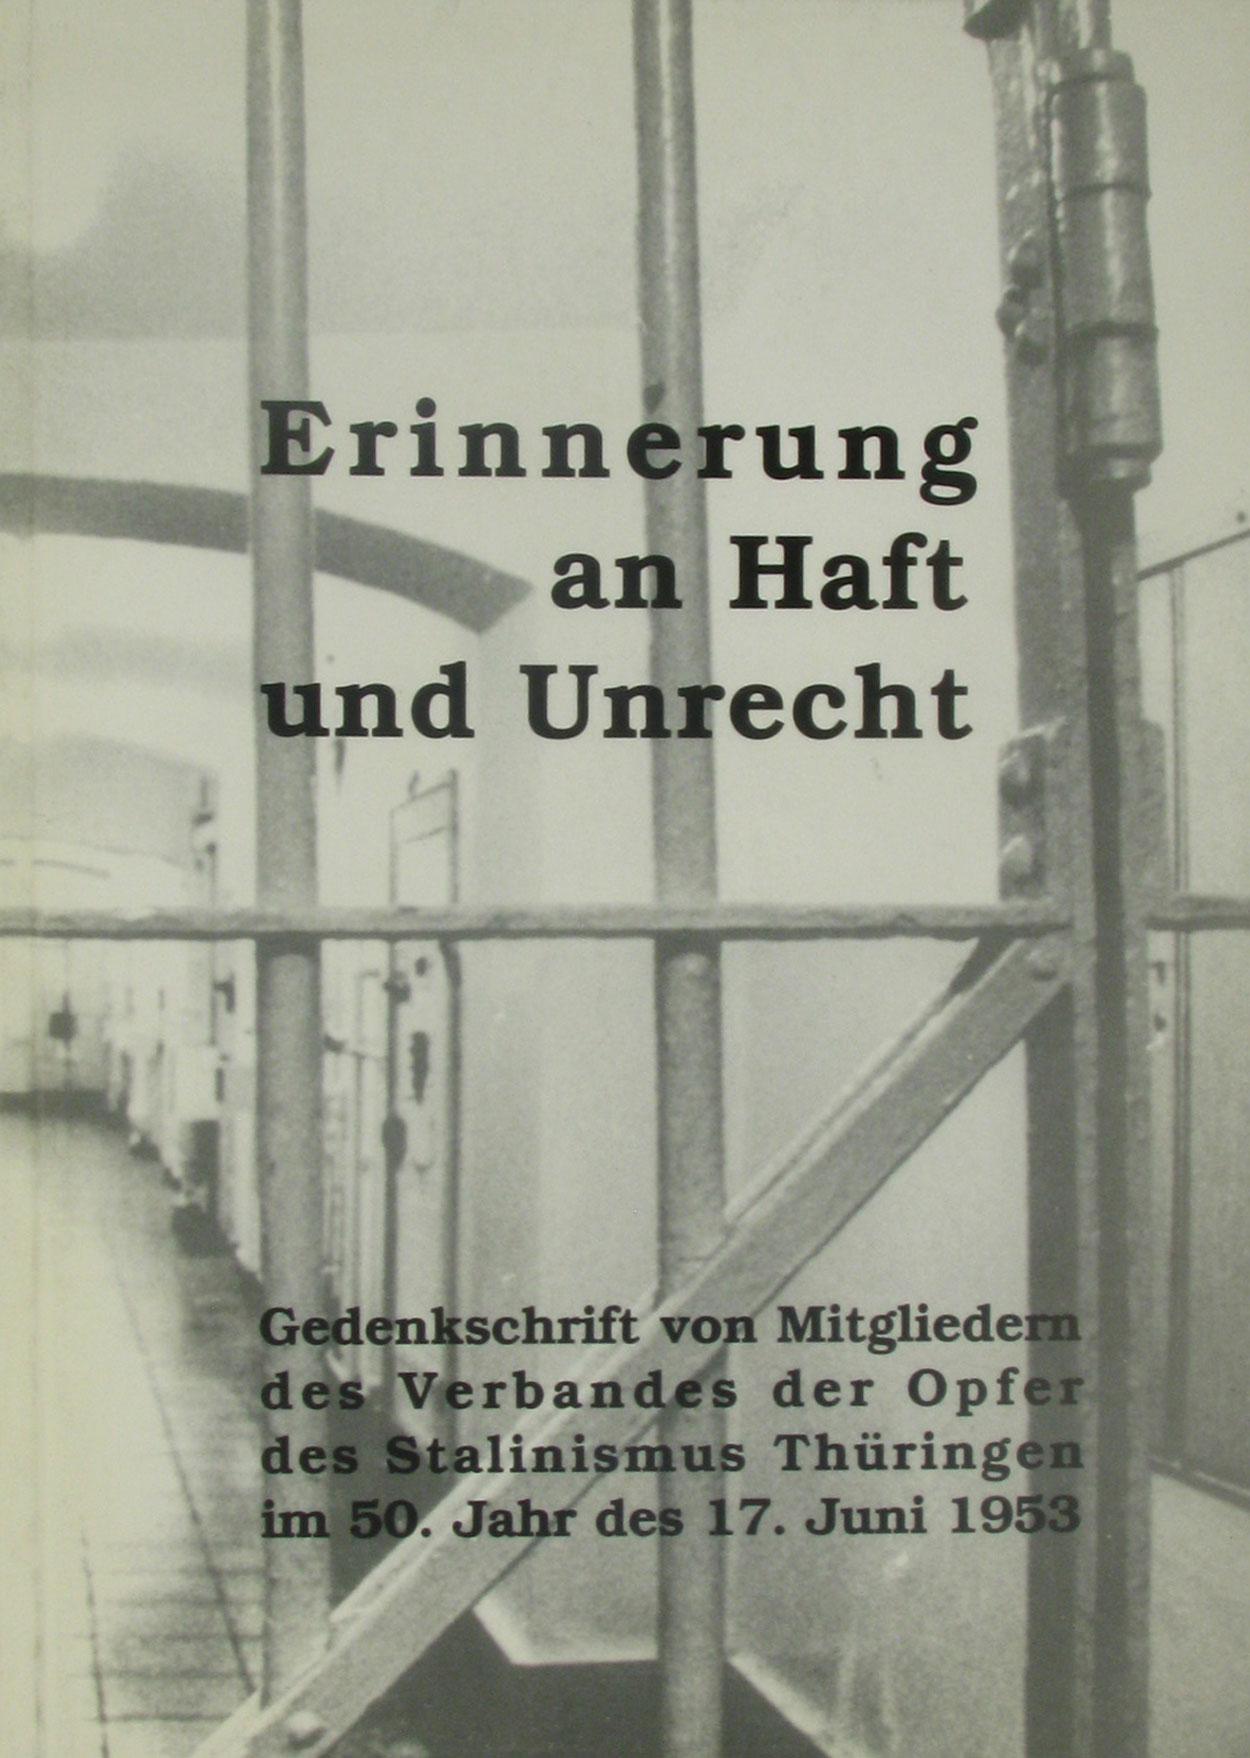 Erinnerung an Haft und Unrecht, - Düsterdick, Gerhard (Zusammenstellung)